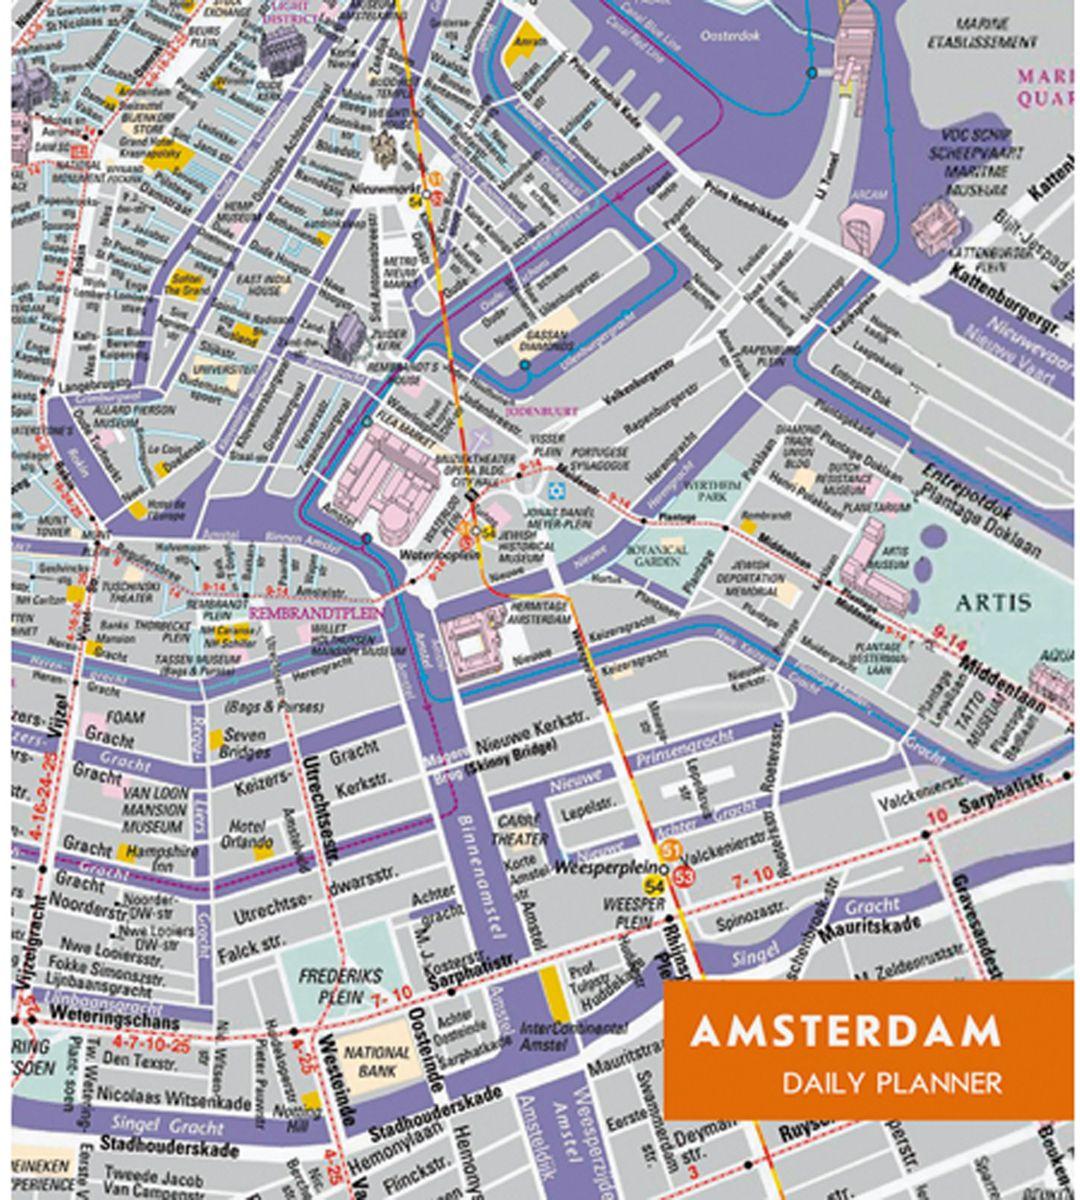 Канц-Эксмо Ежедневник Графика Карта Амстердам недтированный 128 листов формат А5 ежедневники канц эксмо творческий ежедневник а5 146х167 с раскрасками графика абстрактный узор 128 листов